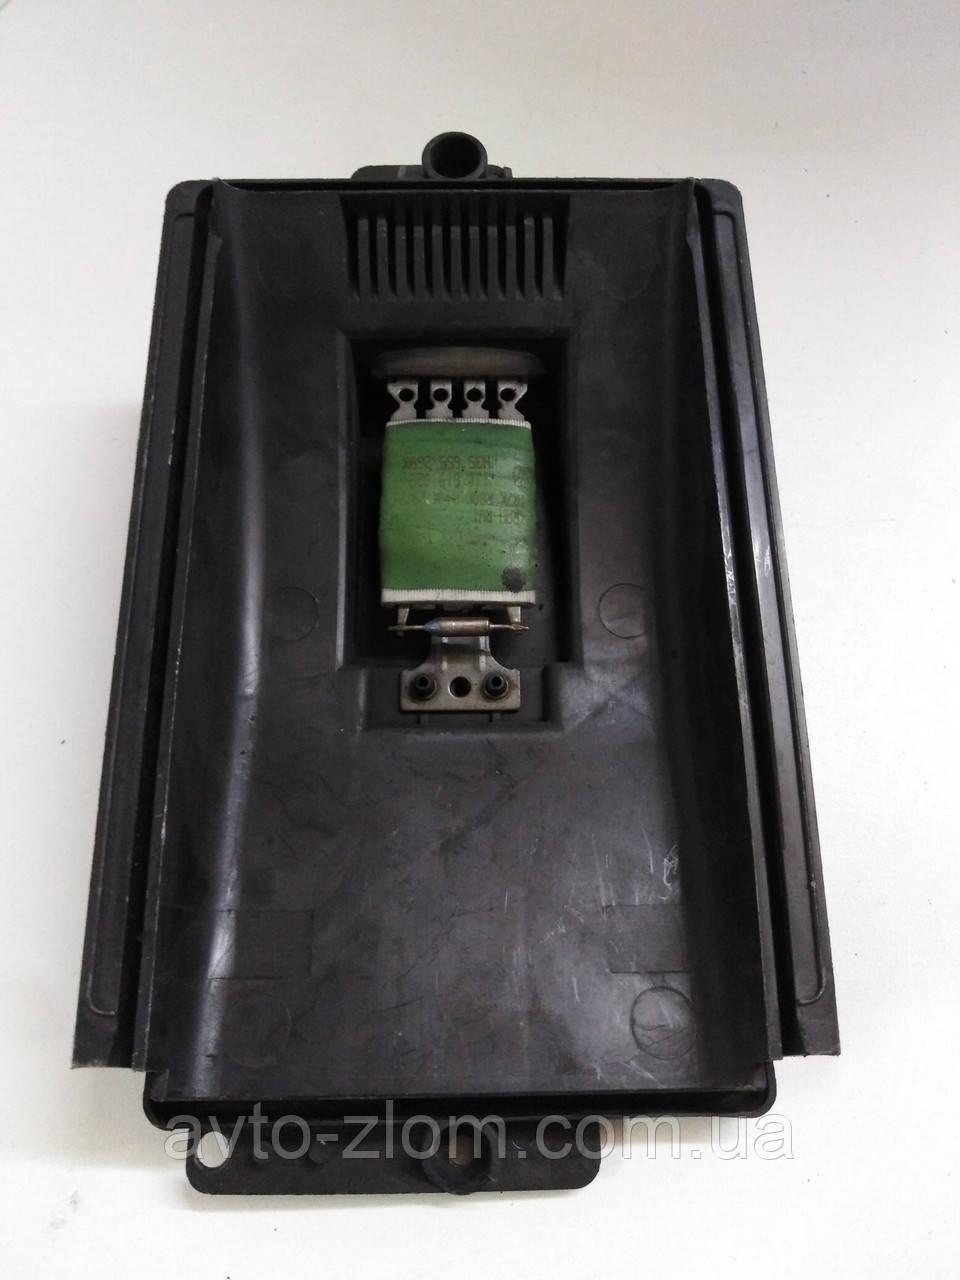 Реостат, резистор печки Volkswagen Golf 4, Bora, Гольф 4, Бора. 1J0819022.